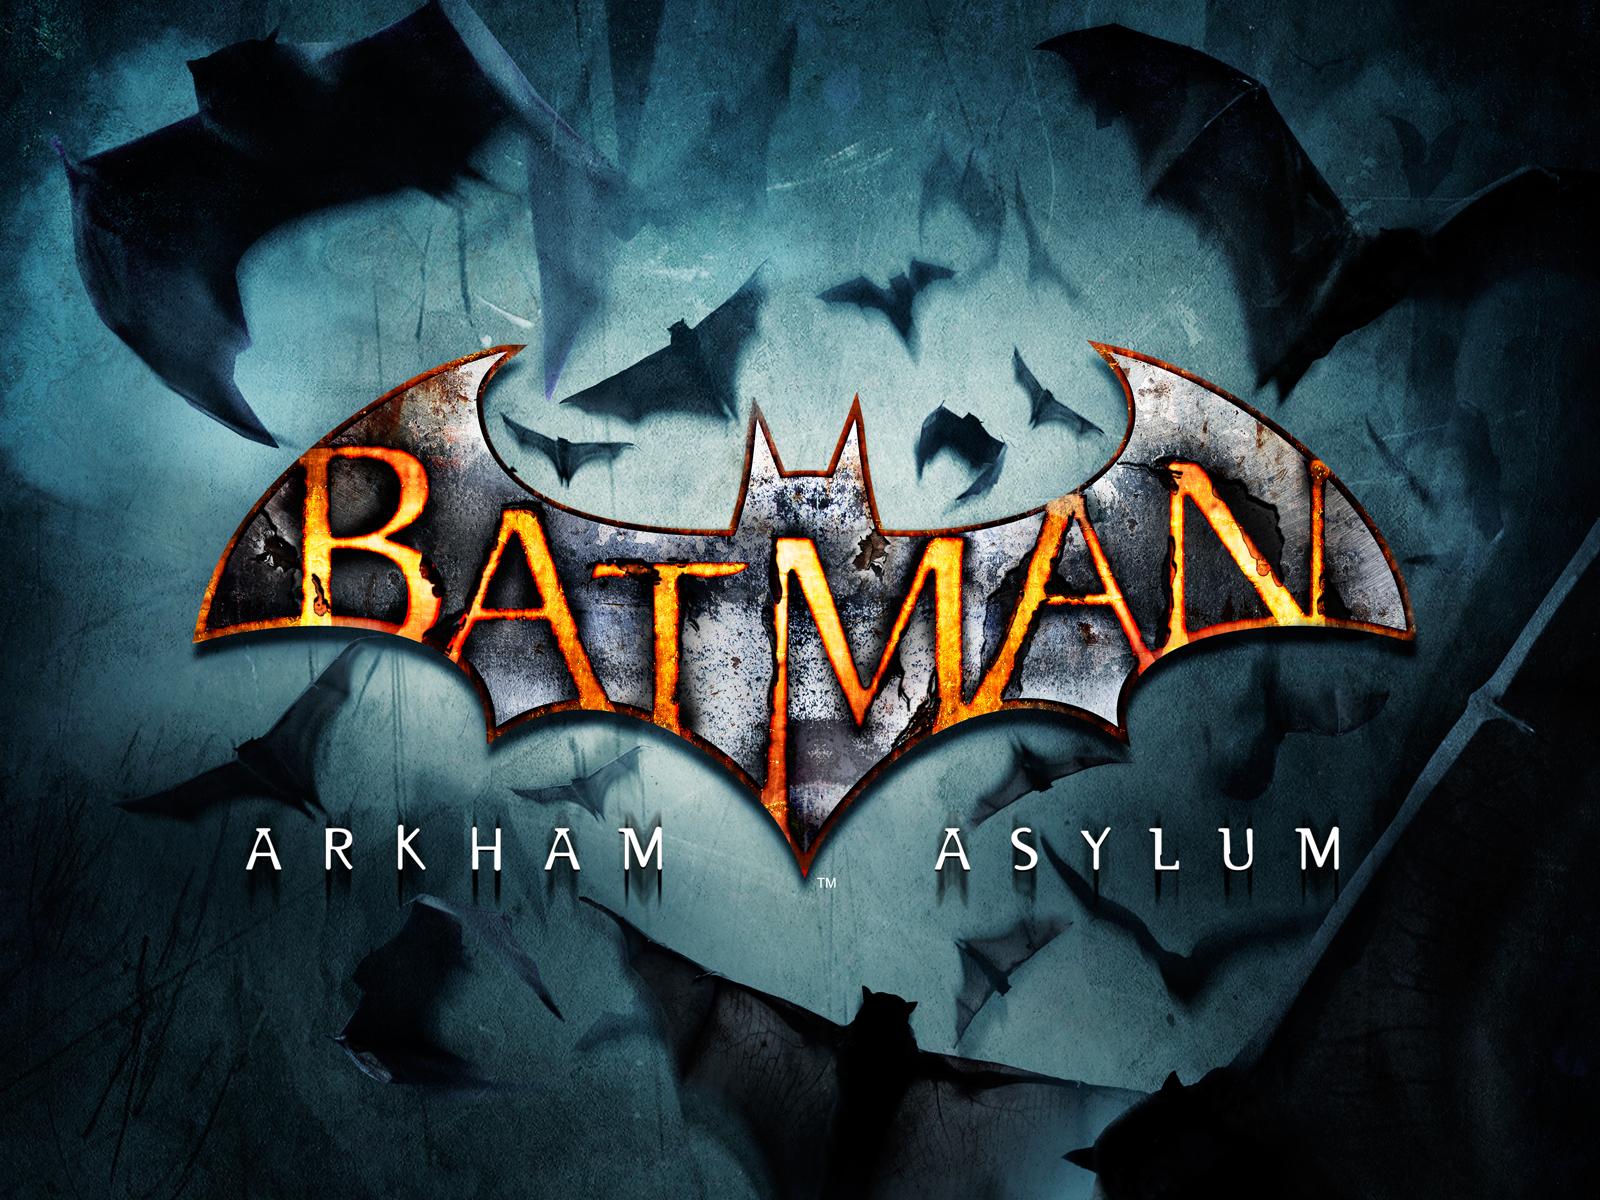 Fond ecran wallpaper Batman Arkham Asylum   JeuxVideofr 1600x1200